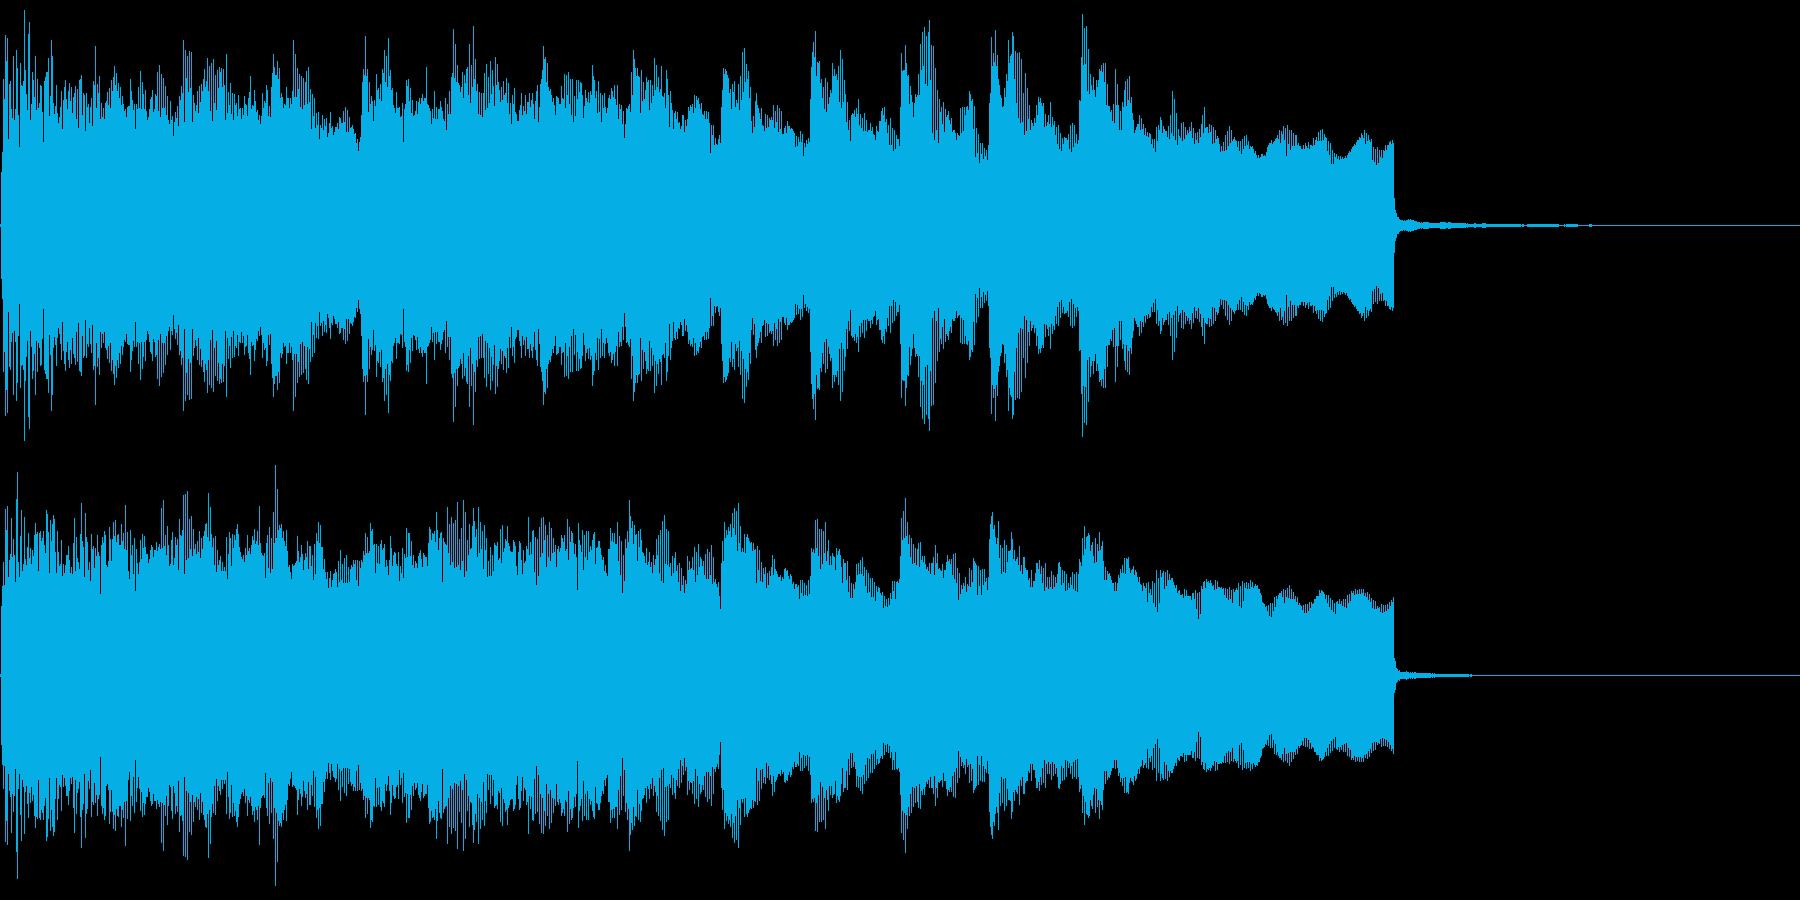 creo_leo_bgm13の再生済みの波形